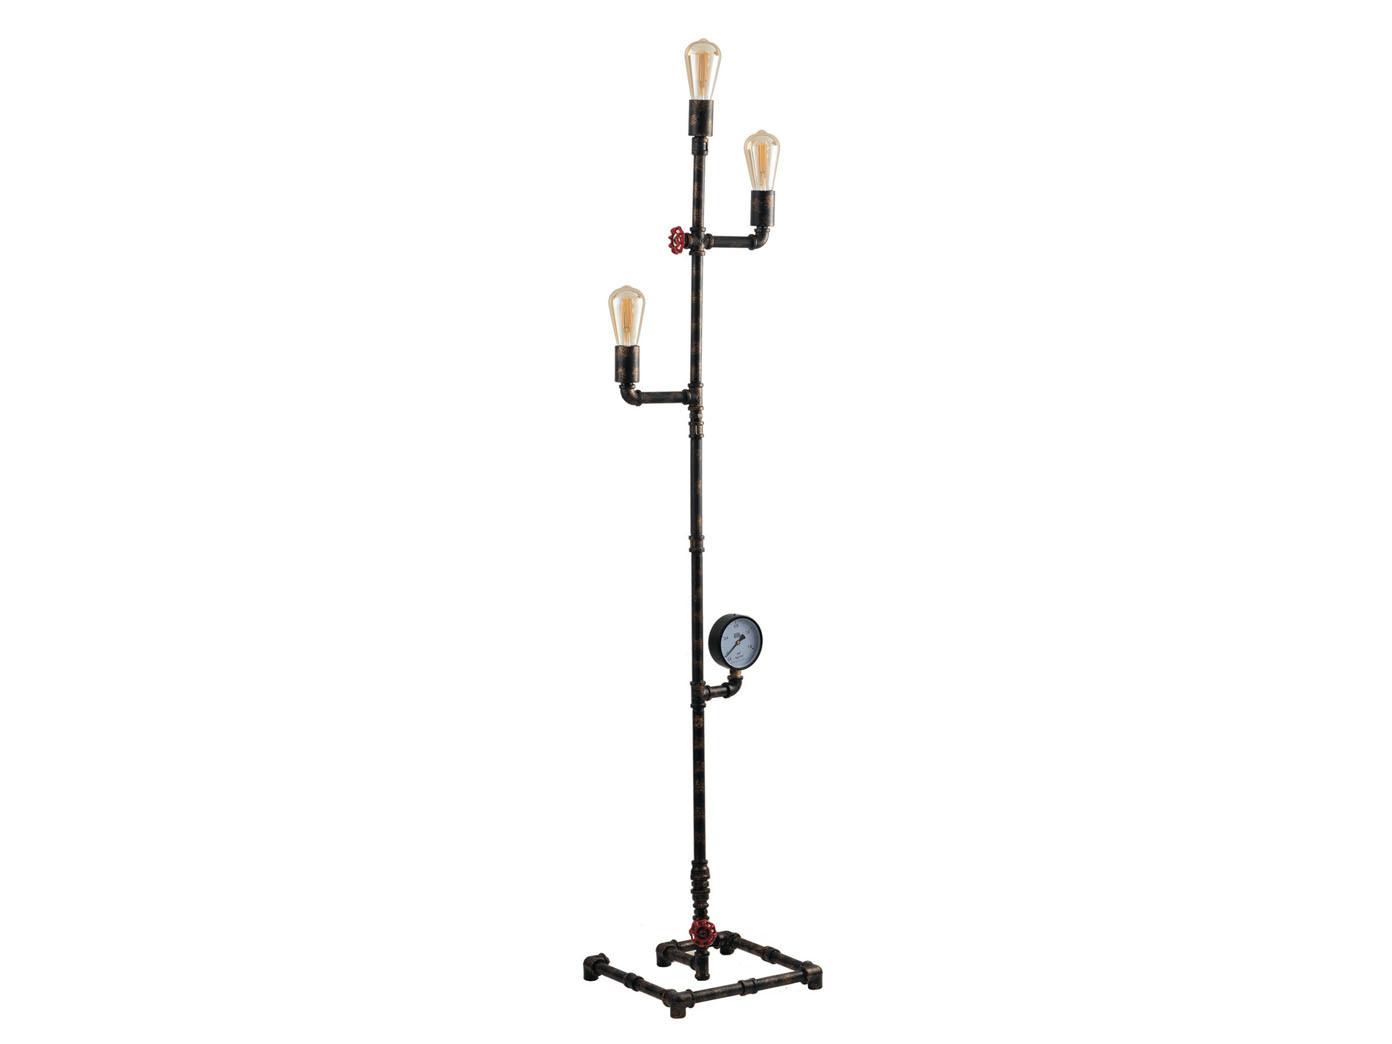 Aussergewohnliche Led Stehlampe Industrial Design Mit Wasserrohr